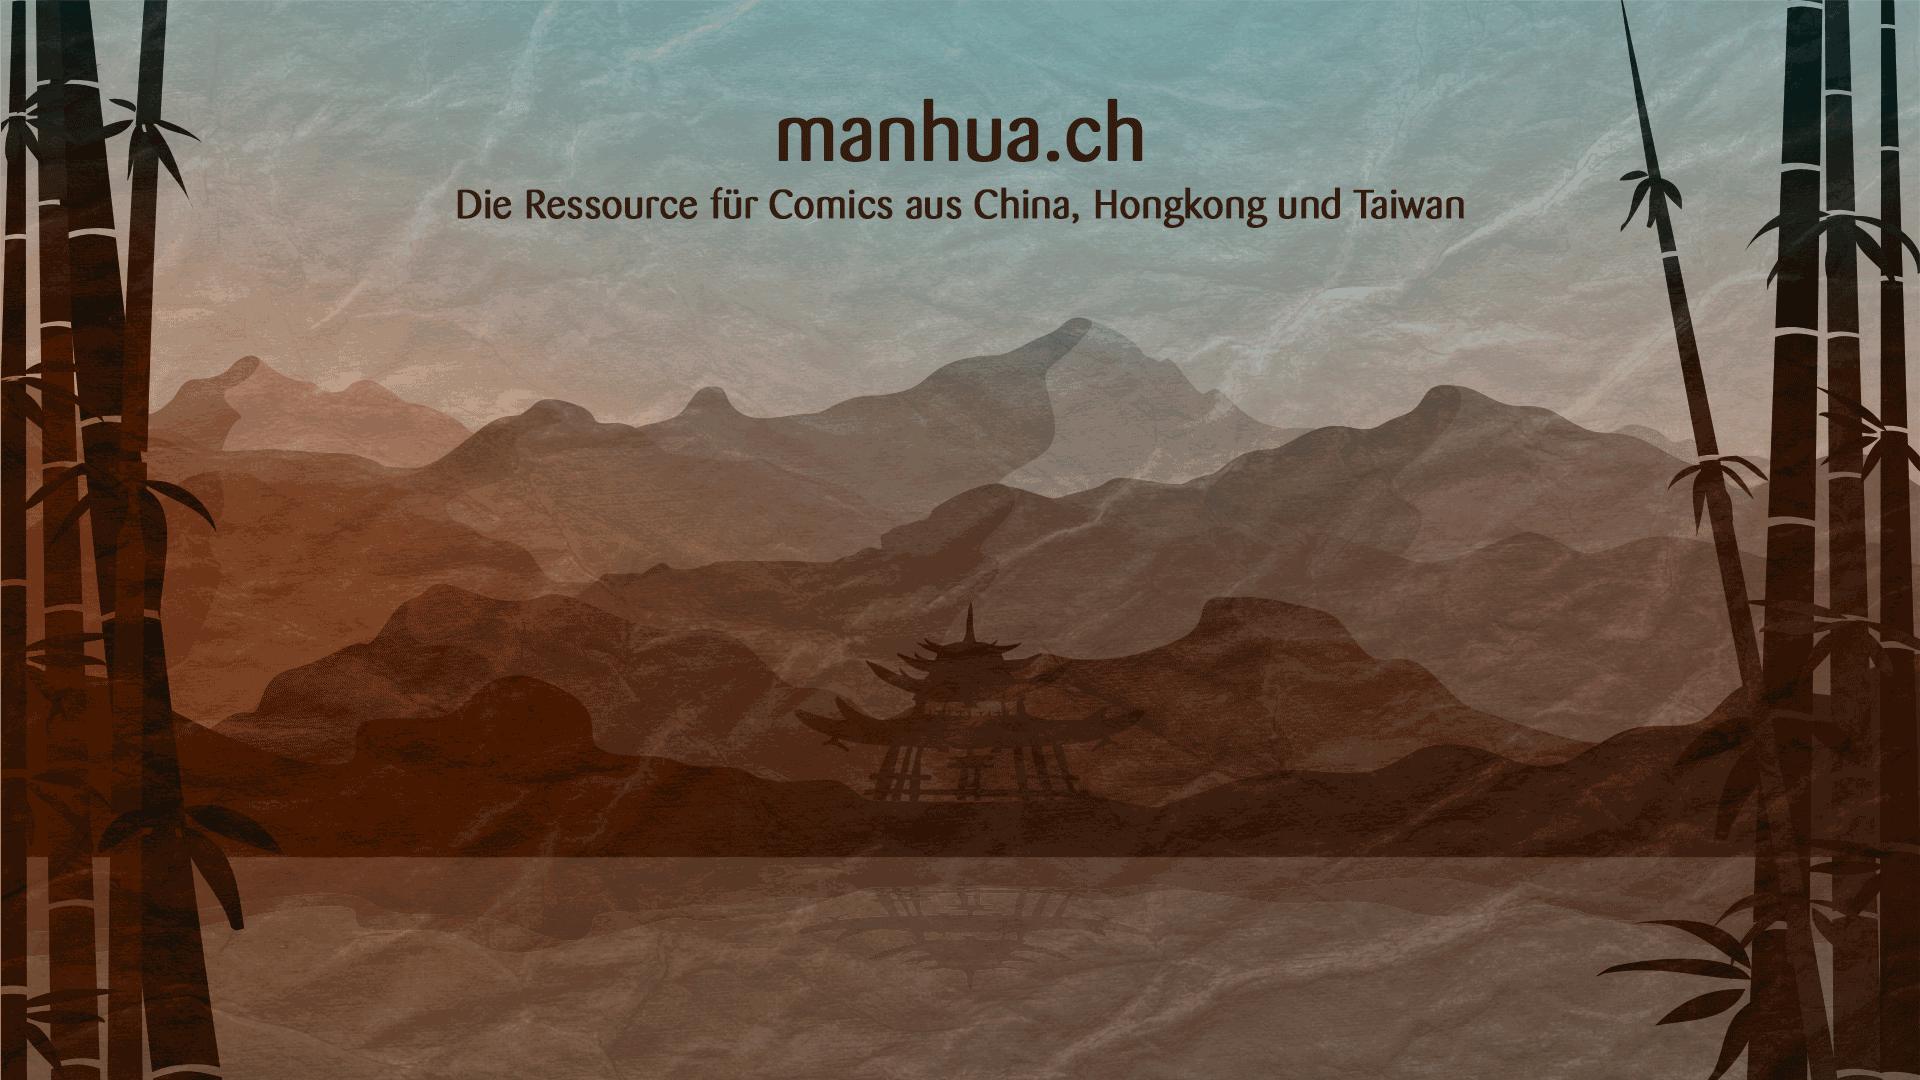 Manhua.ch